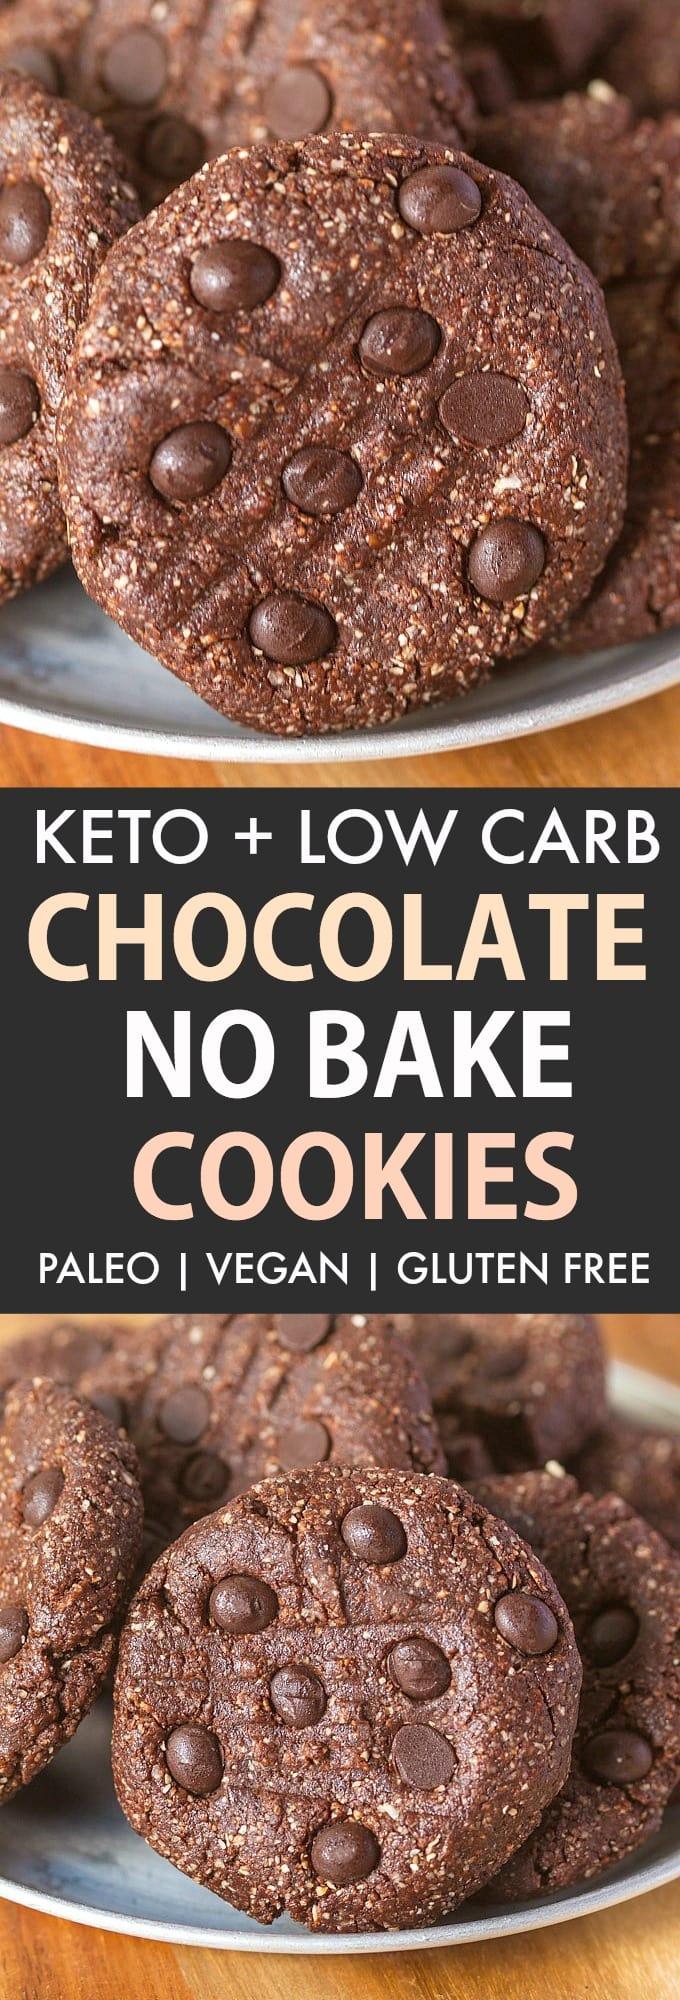 Keto chocolate no bake cookies